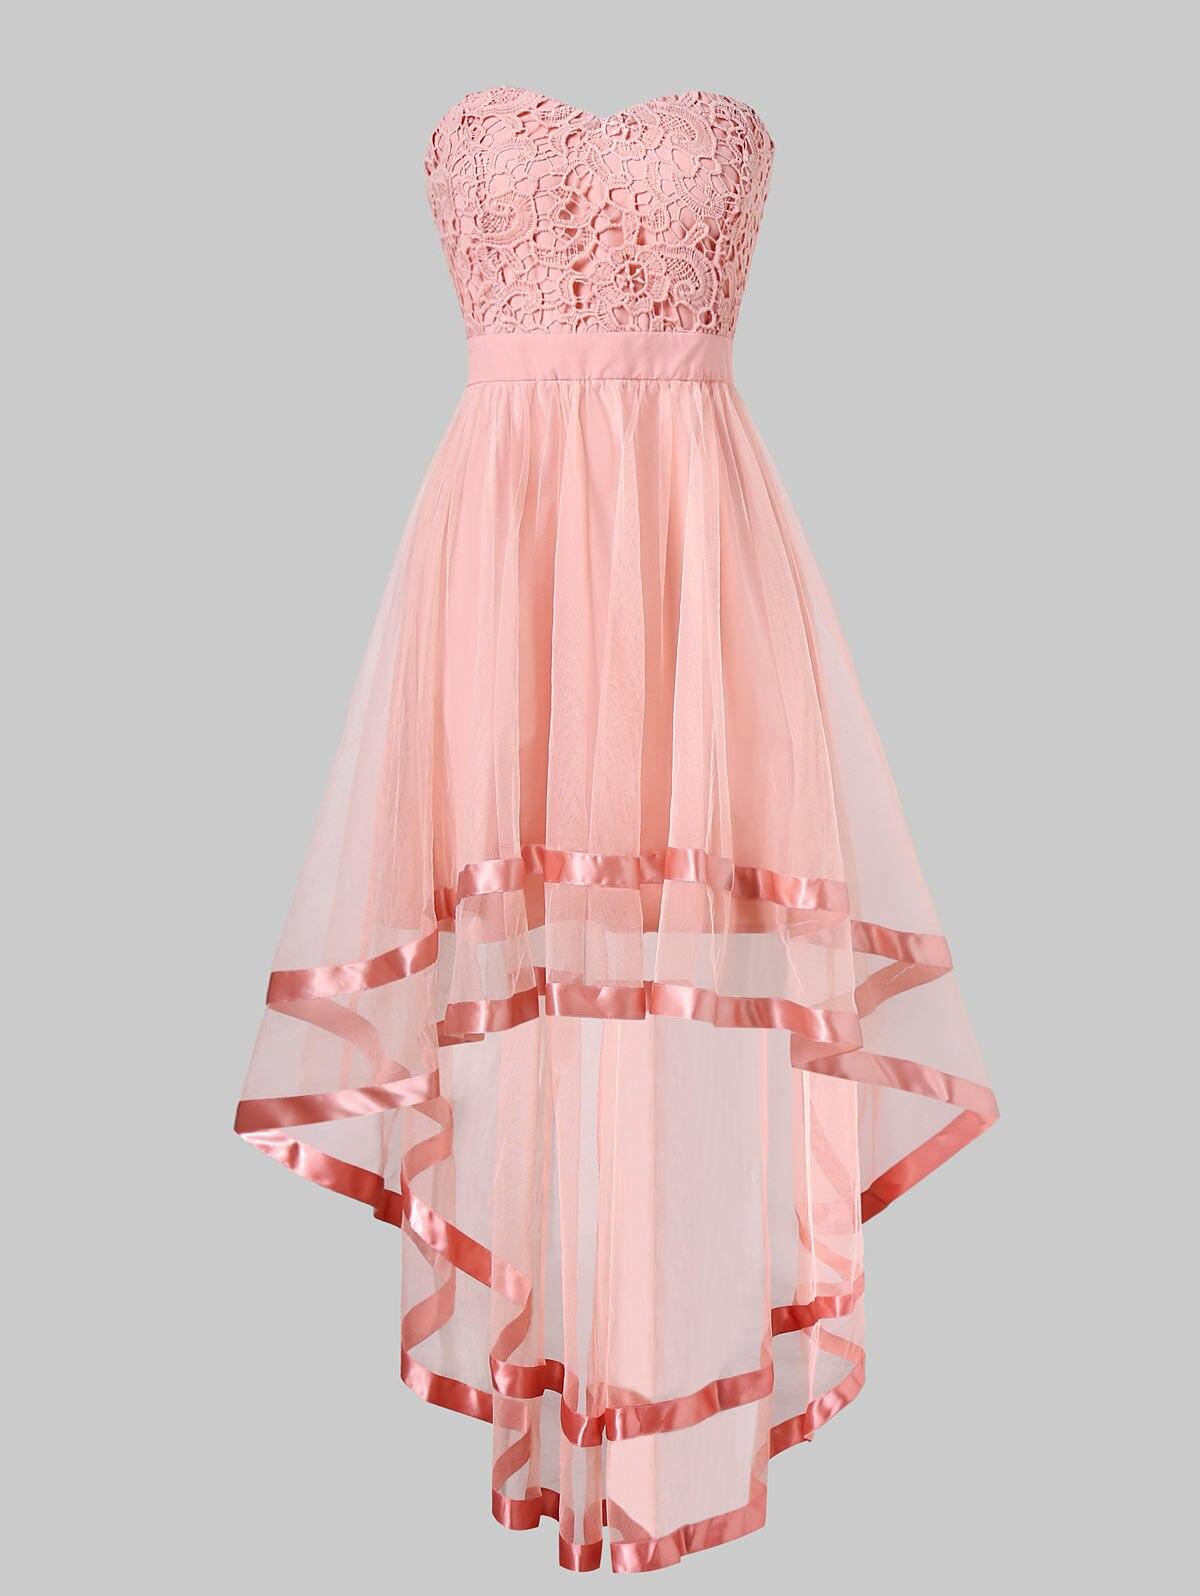 Vestido de fiesta de chifón alto bajo color rosa de Wipalo, vestidos de verano para mujer, vestido sin tirantes, sin mangas, Parte delantera corta, espalda larga, vestidos de fiesta